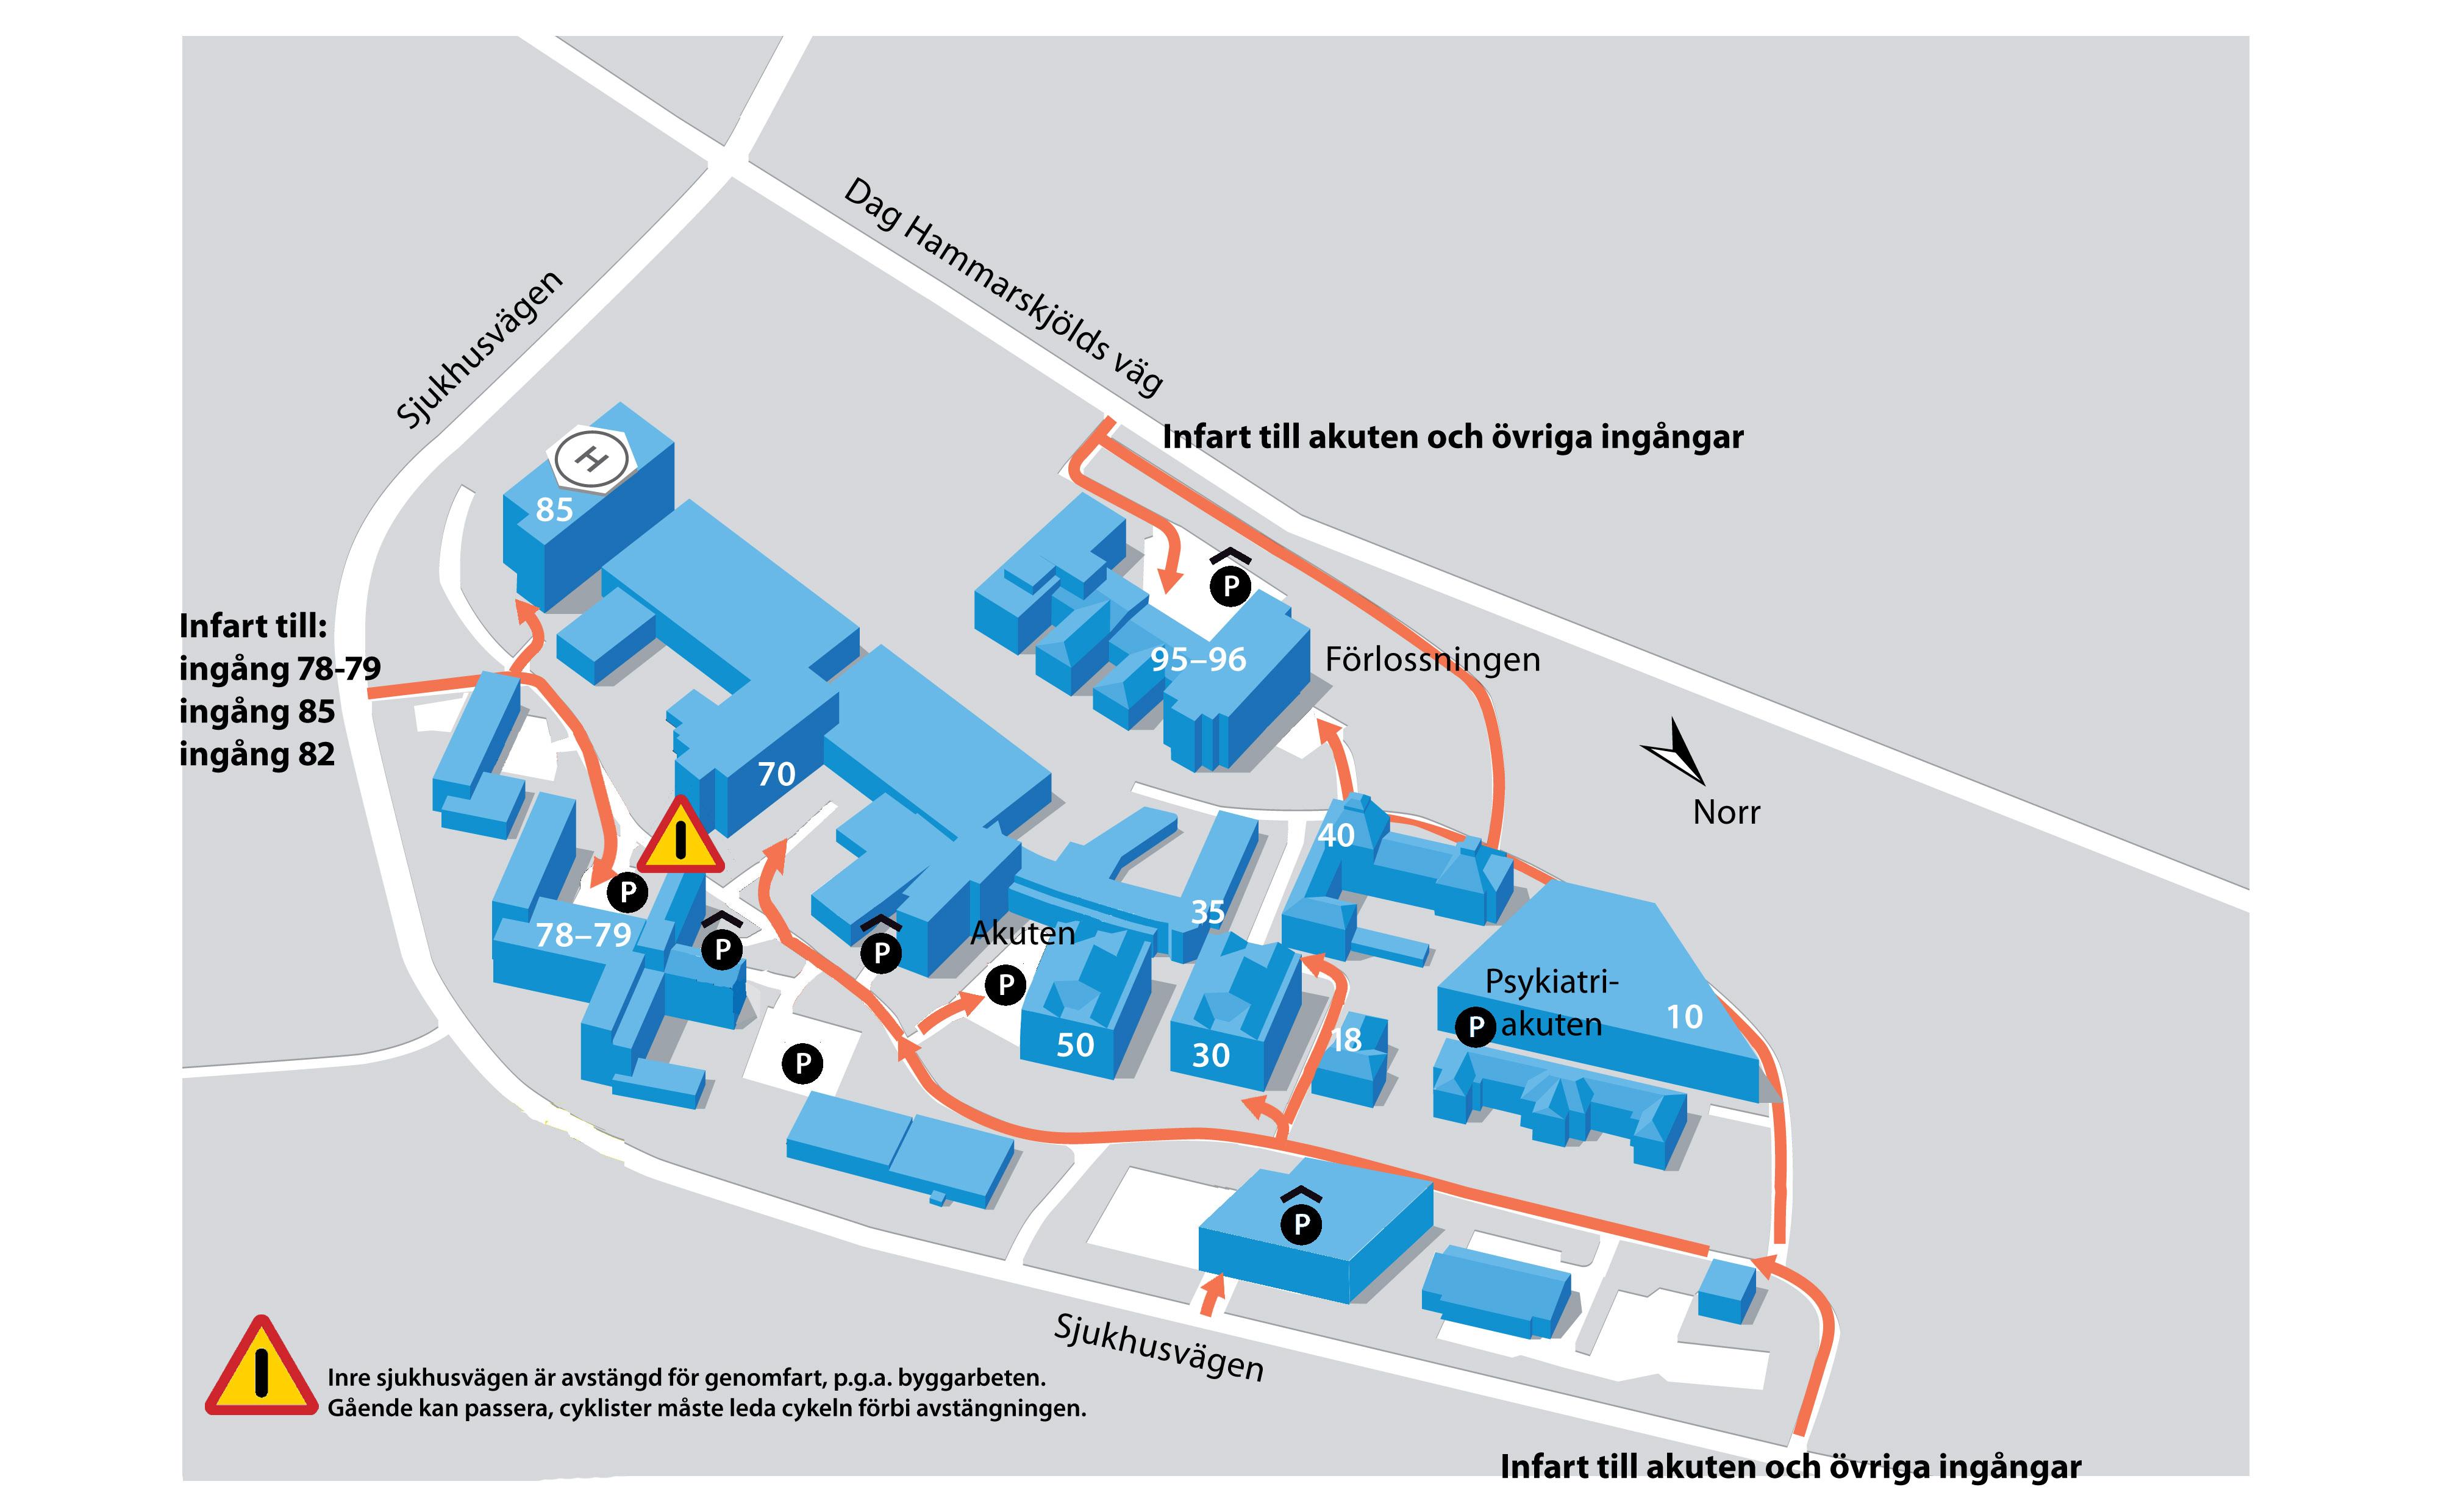 västerås sjukhus karta Uppsala Karta. Till Uppsala. Karta Ver Centrala Uppsala. Biology  västerås sjukhus karta